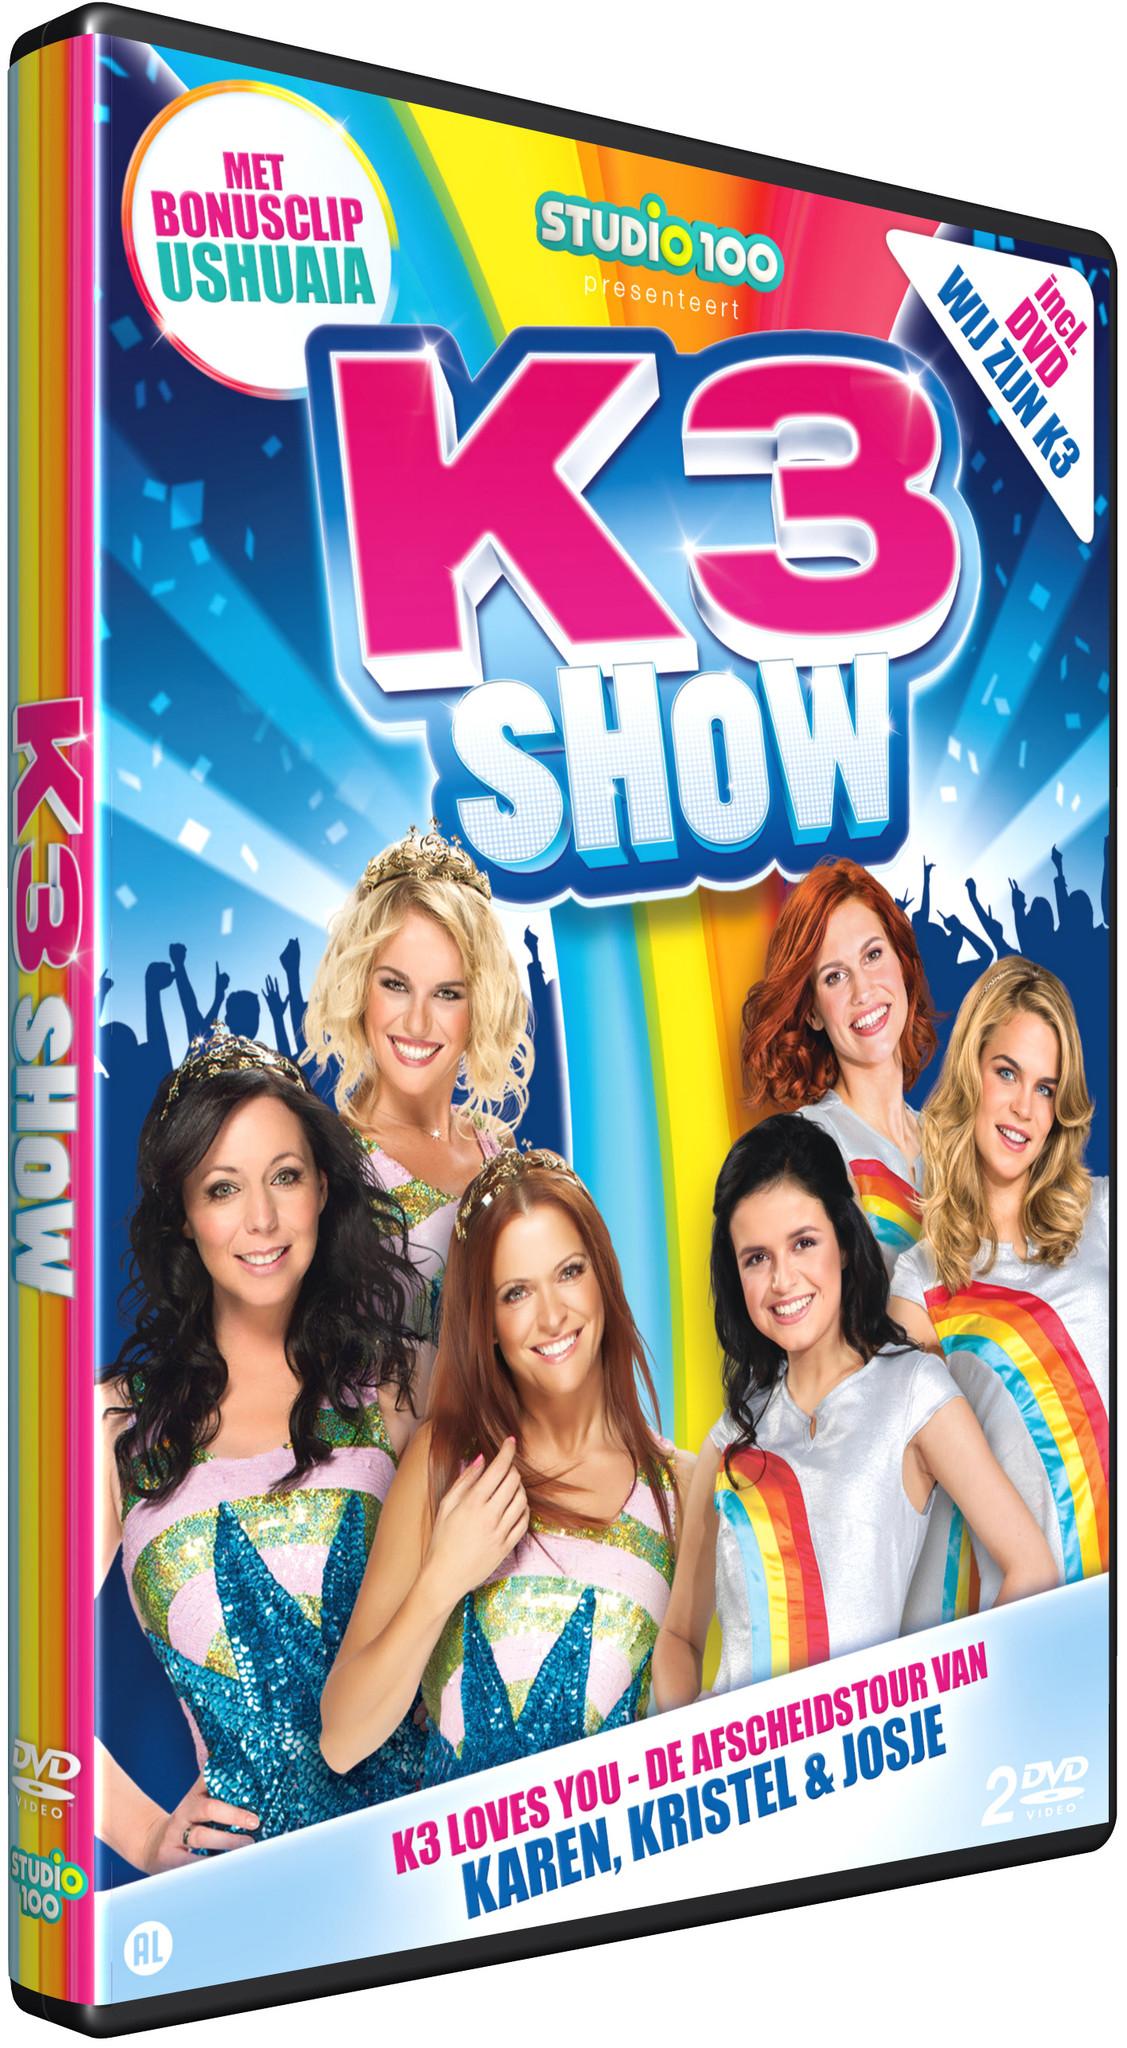 Dvd K3: K3 loves you